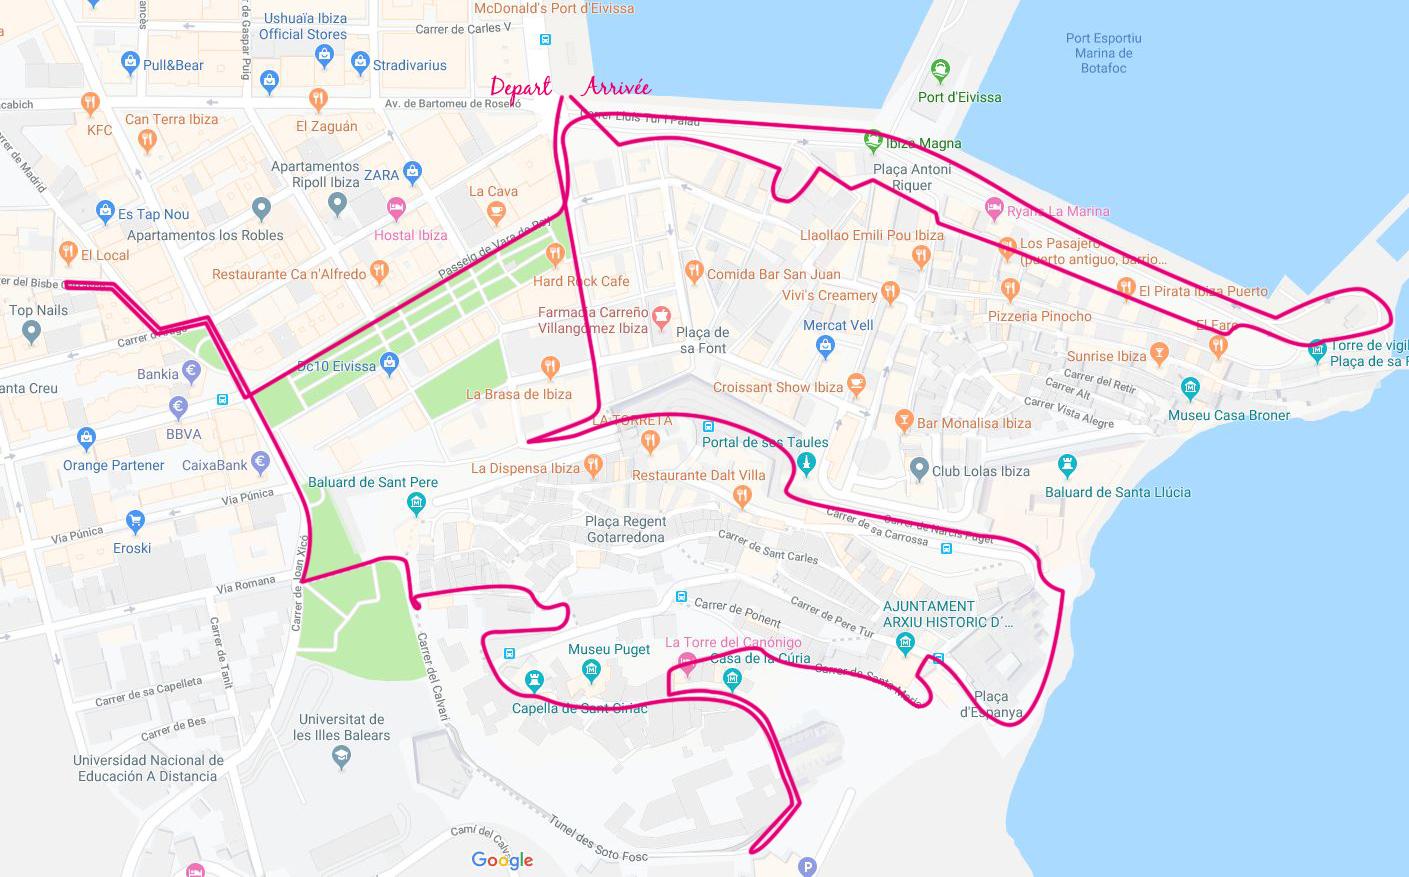 Parcours d'une journée de visite à Ibiza